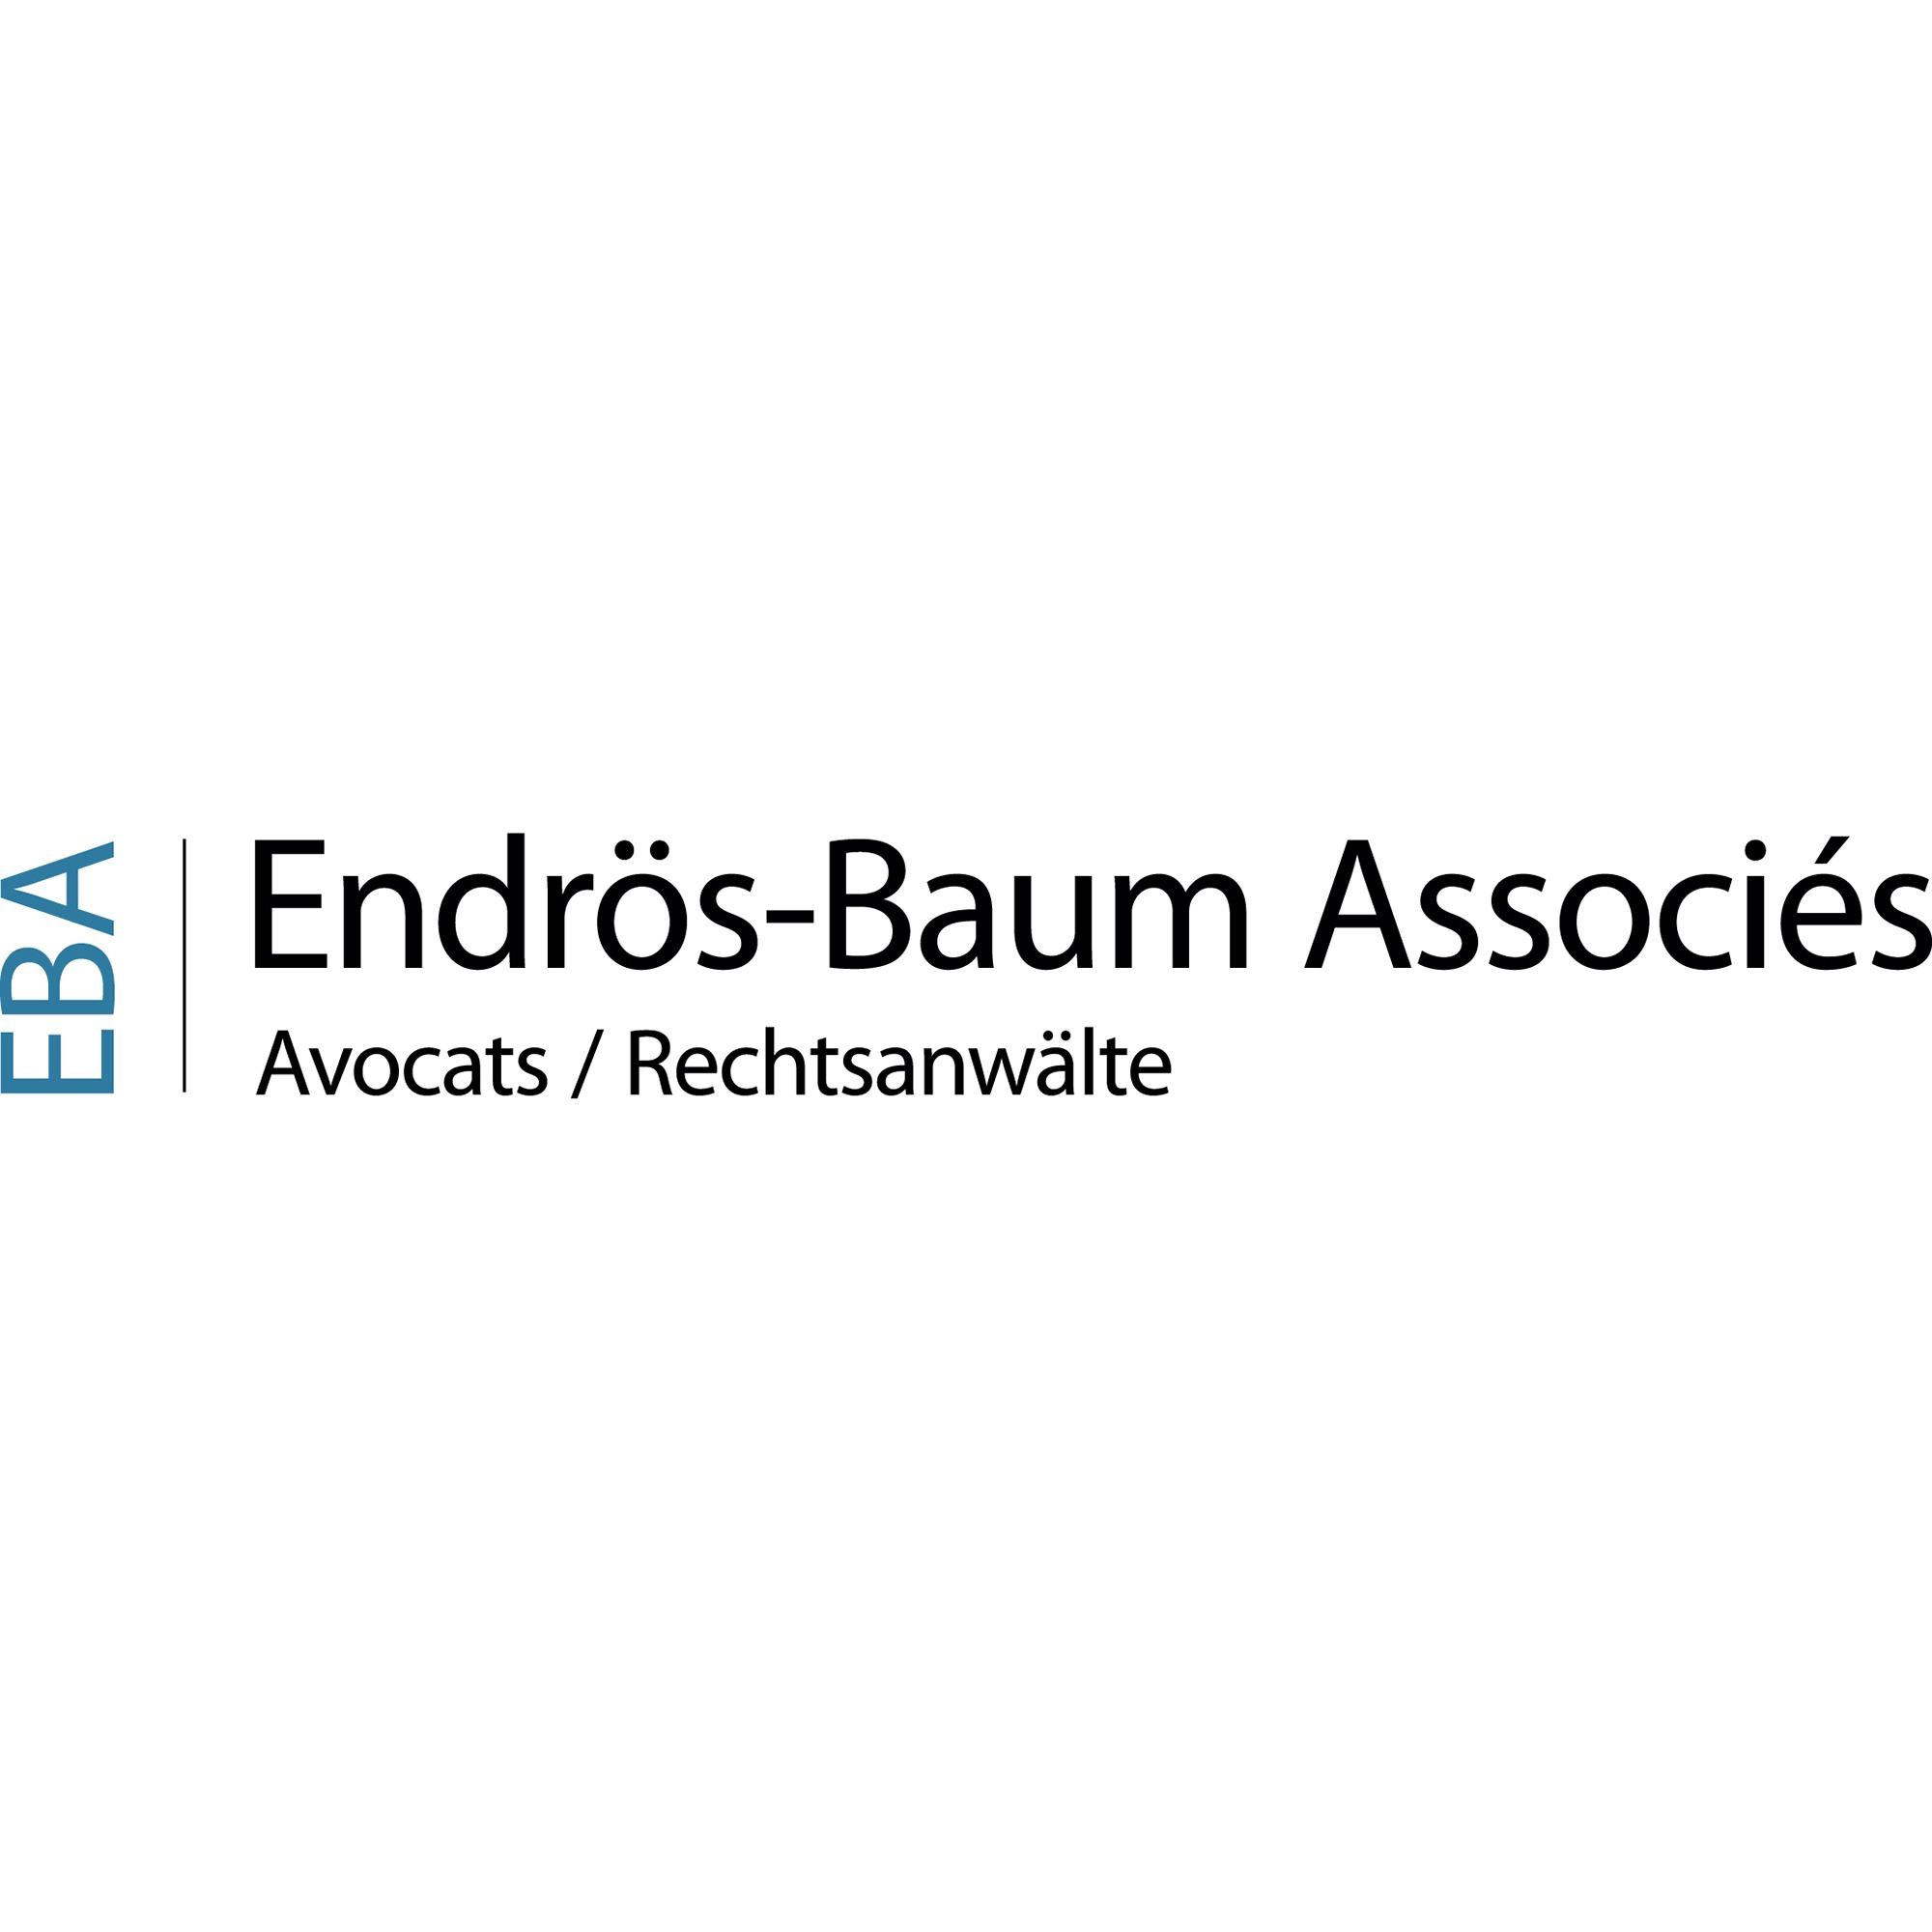 the EBA Endrös-Baum Associés logo.